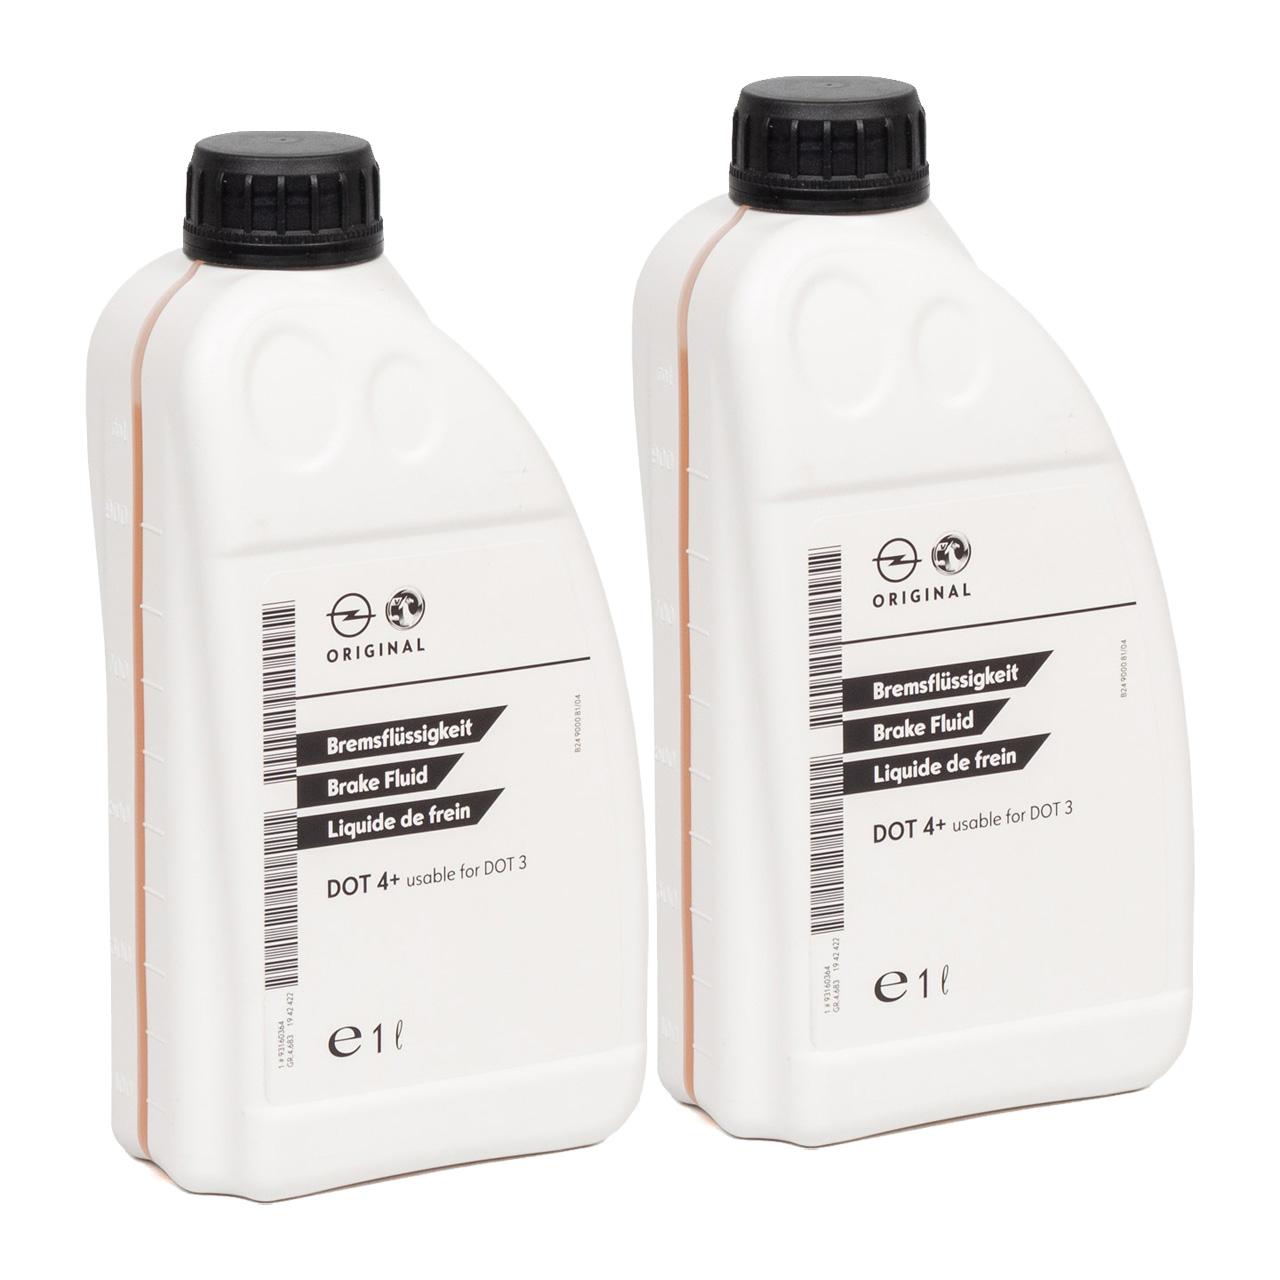 ORIGINAL GM Opel Bremsflüssigkeit DOT4+ 2 Liter 1942422 / 93160364